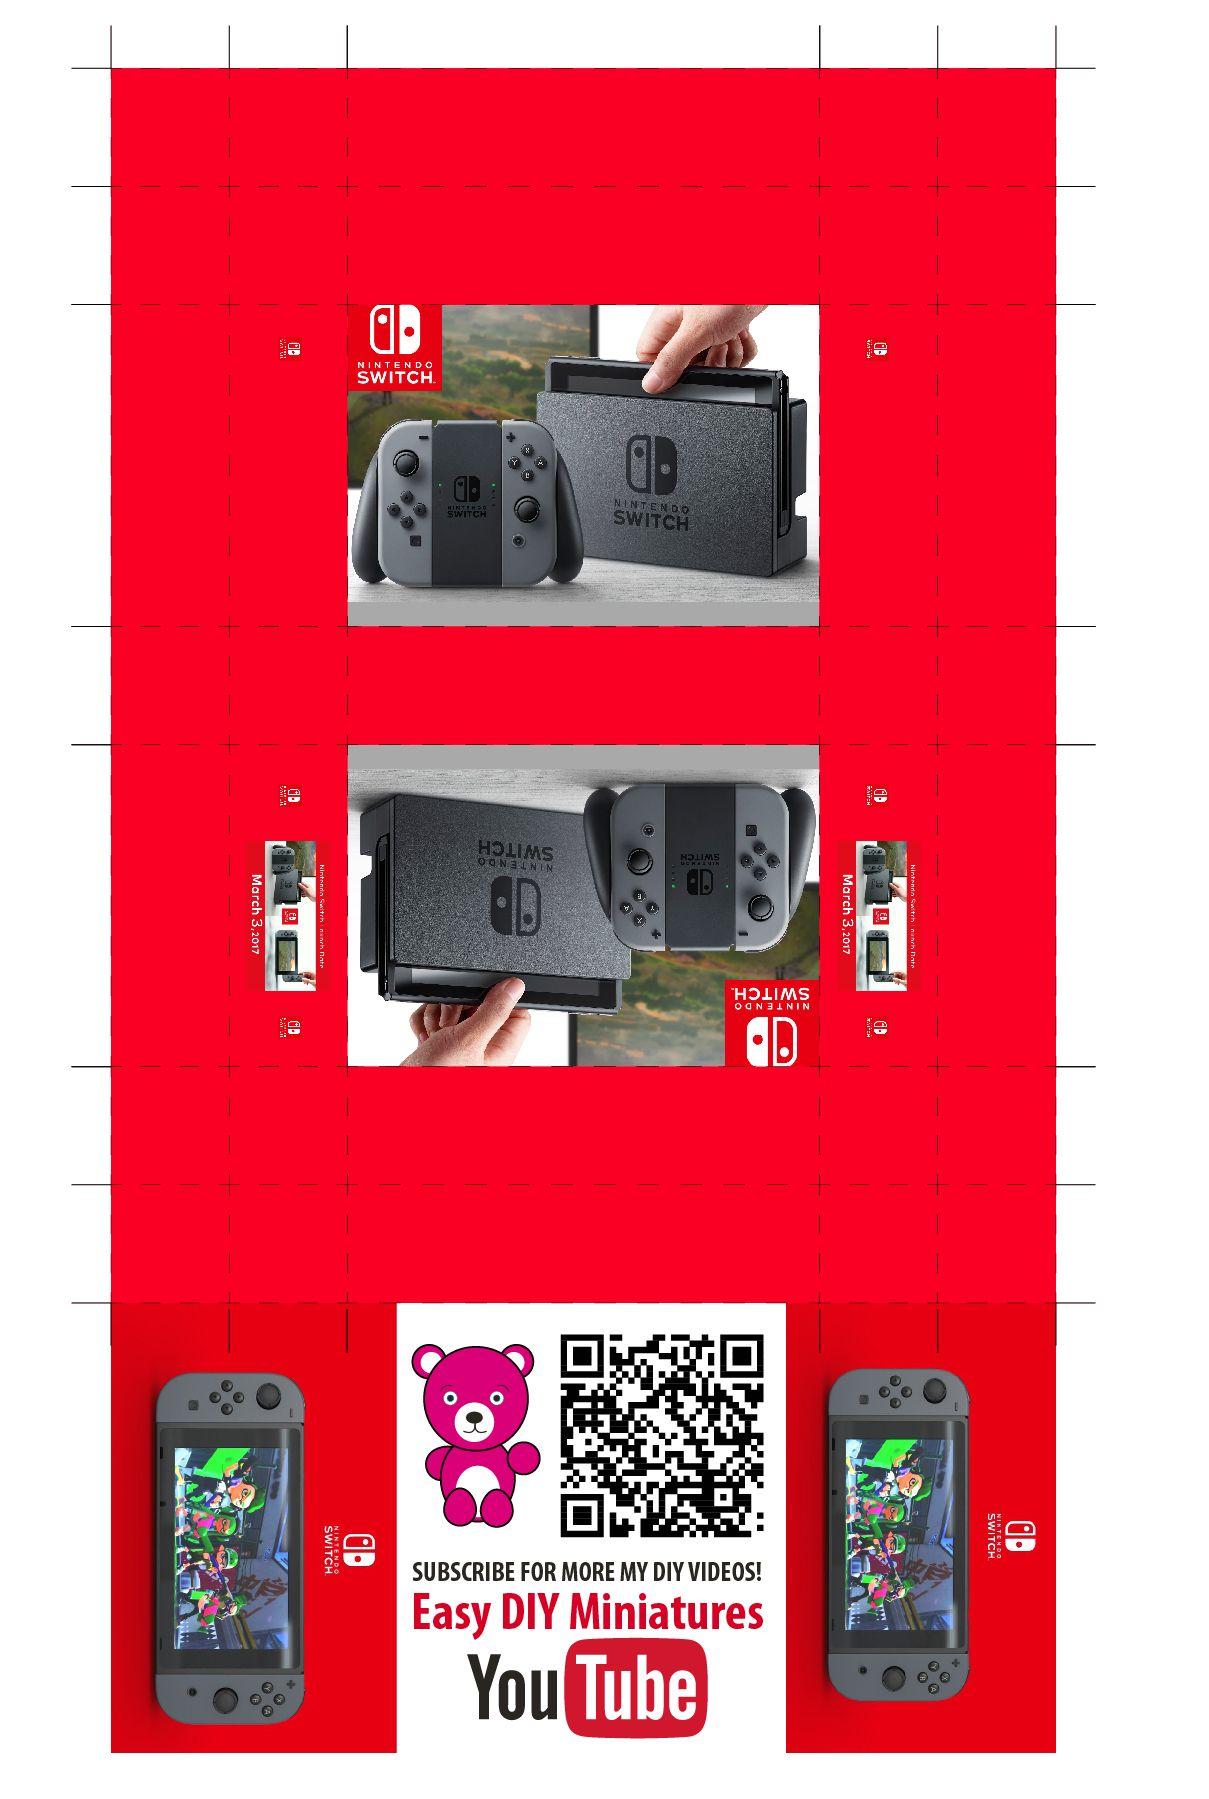 S26 Postimg Org Y88p2m41l Nintendo Switch 03 Jpg Miniture Things